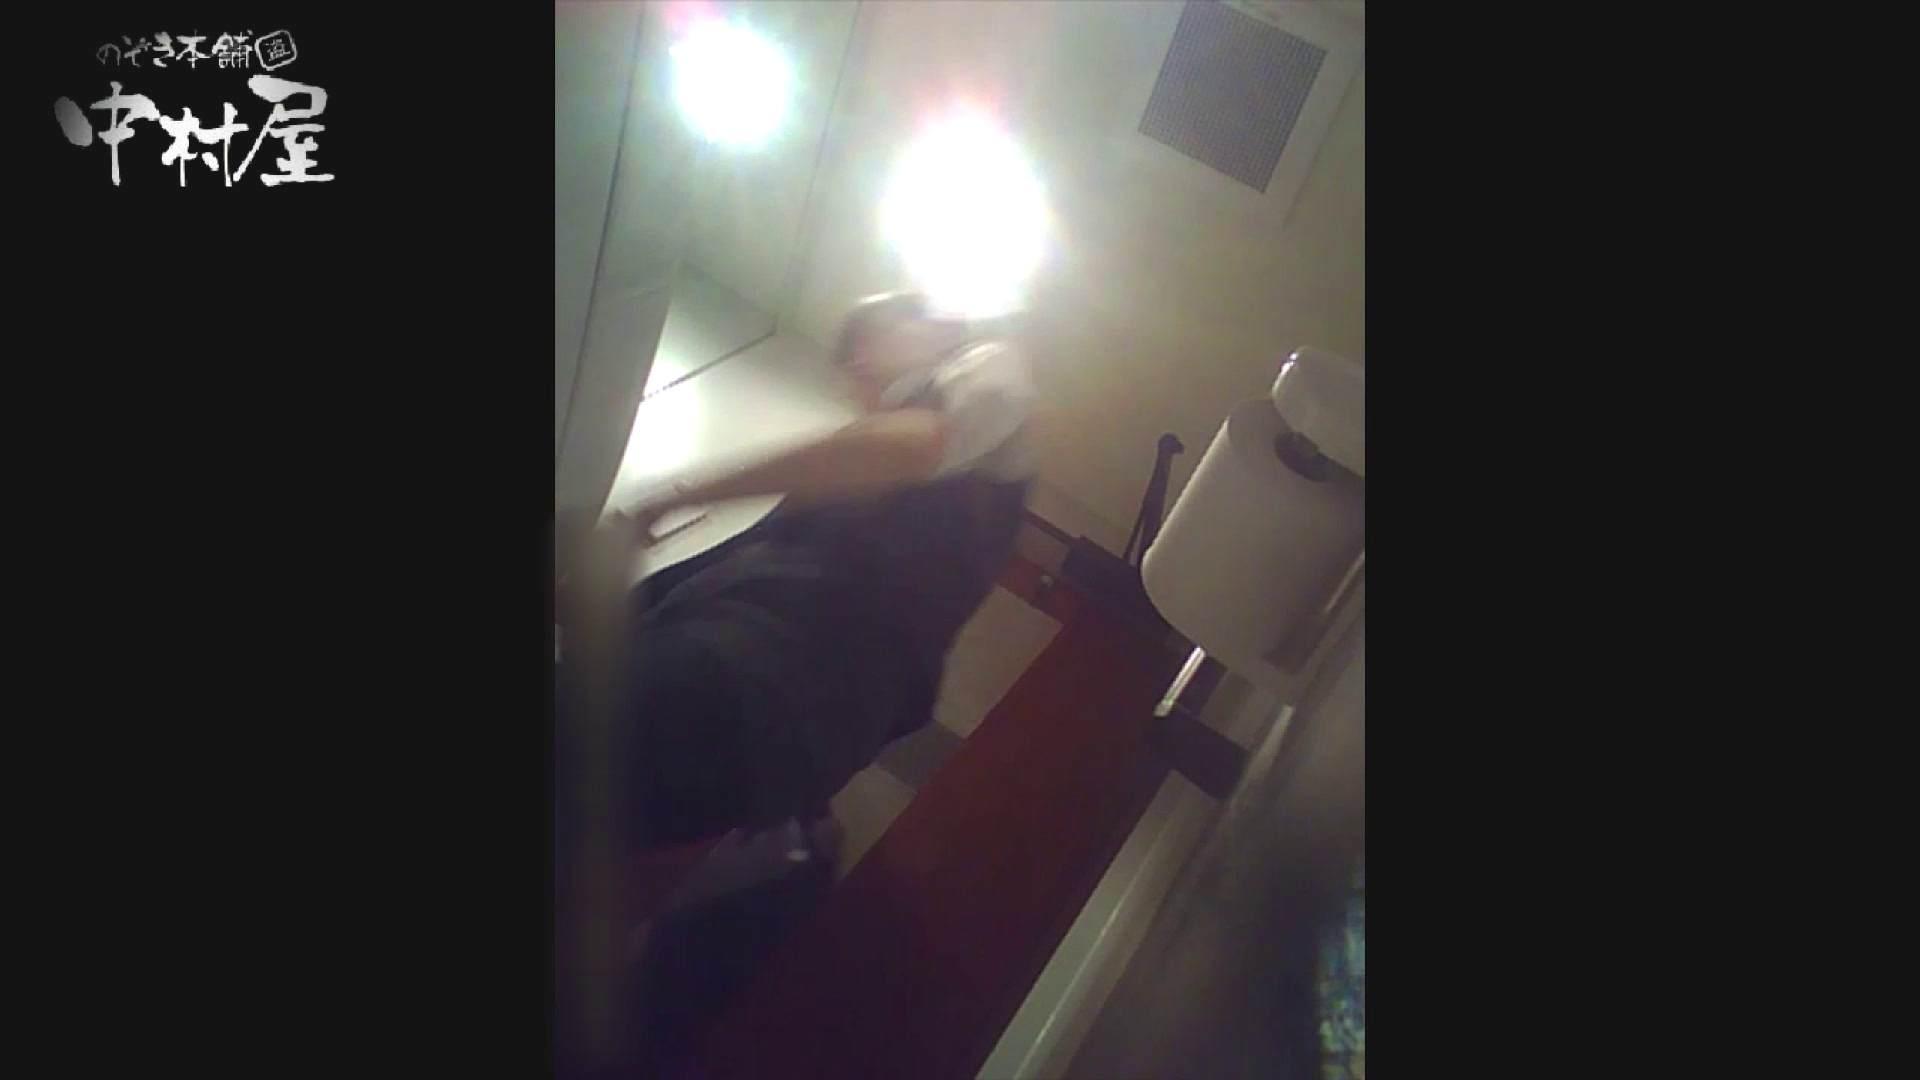 高画質トイレ盗撮vol.12 トイレ 盗み撮りAV無料動画キャプチャ 64画像 18